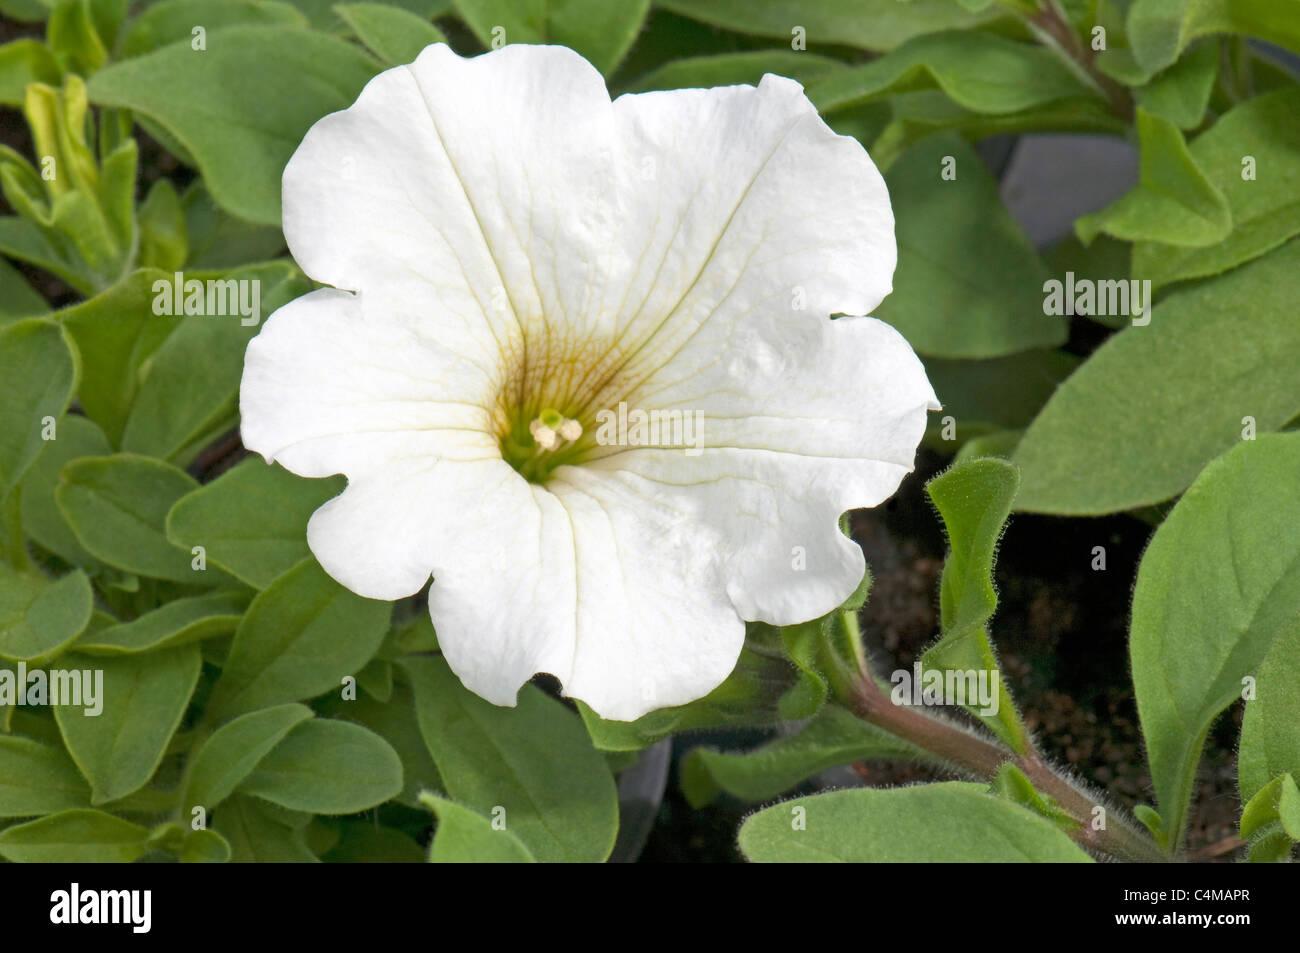 Garden Petunia (Petunia x hybrida), white flower. - Stock Image